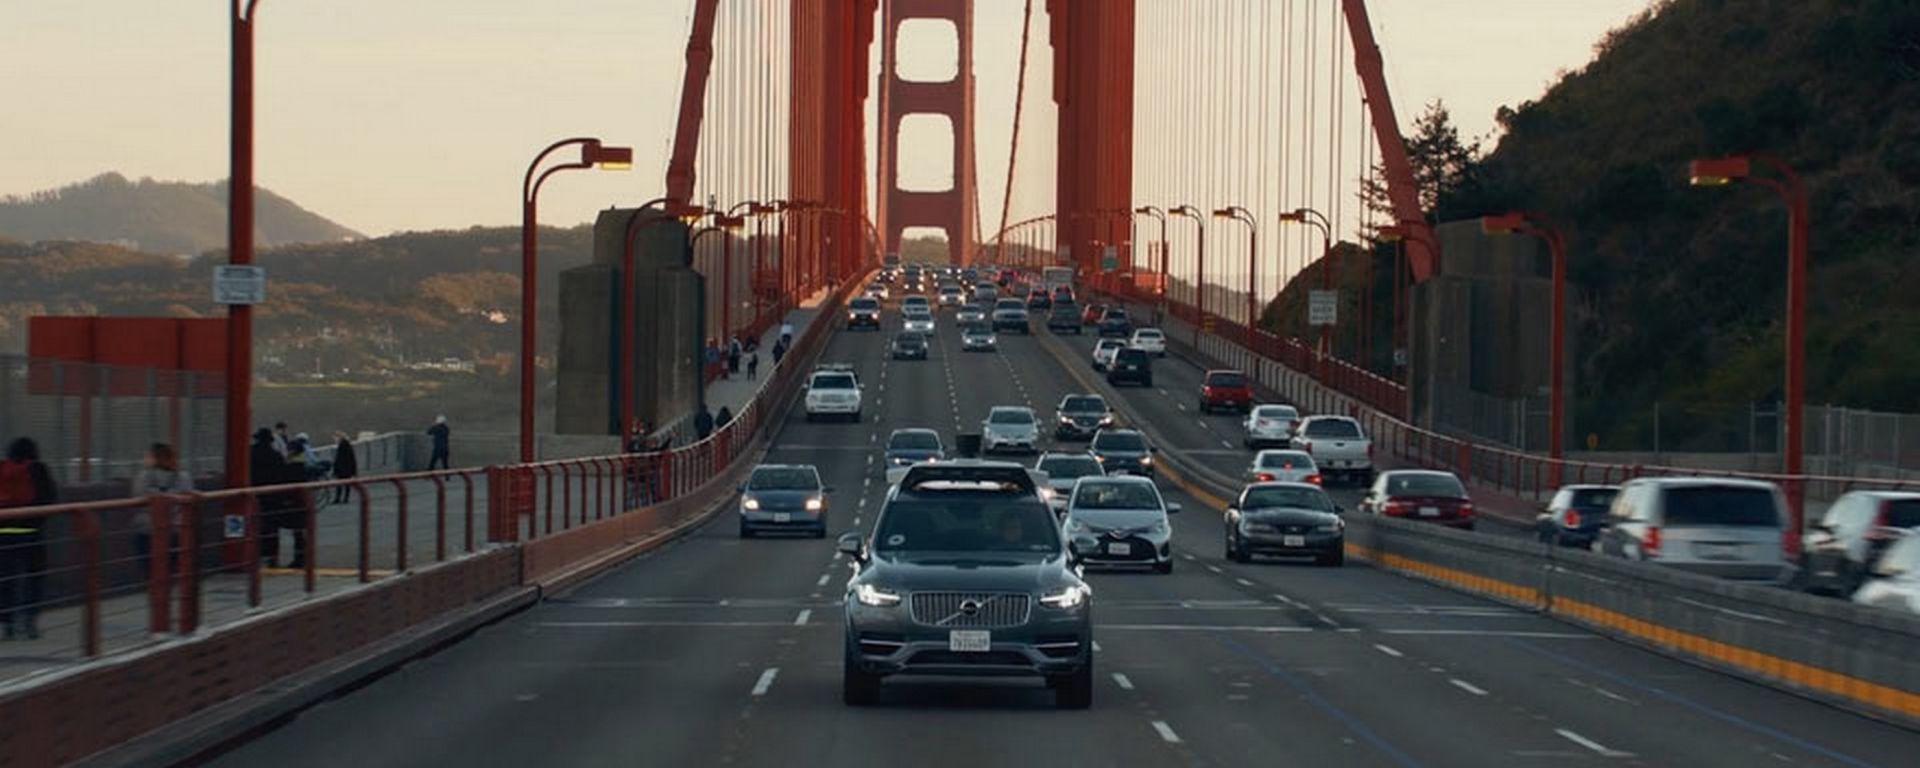 Auto a guida autonoma: via libera ai test senza controllo umano